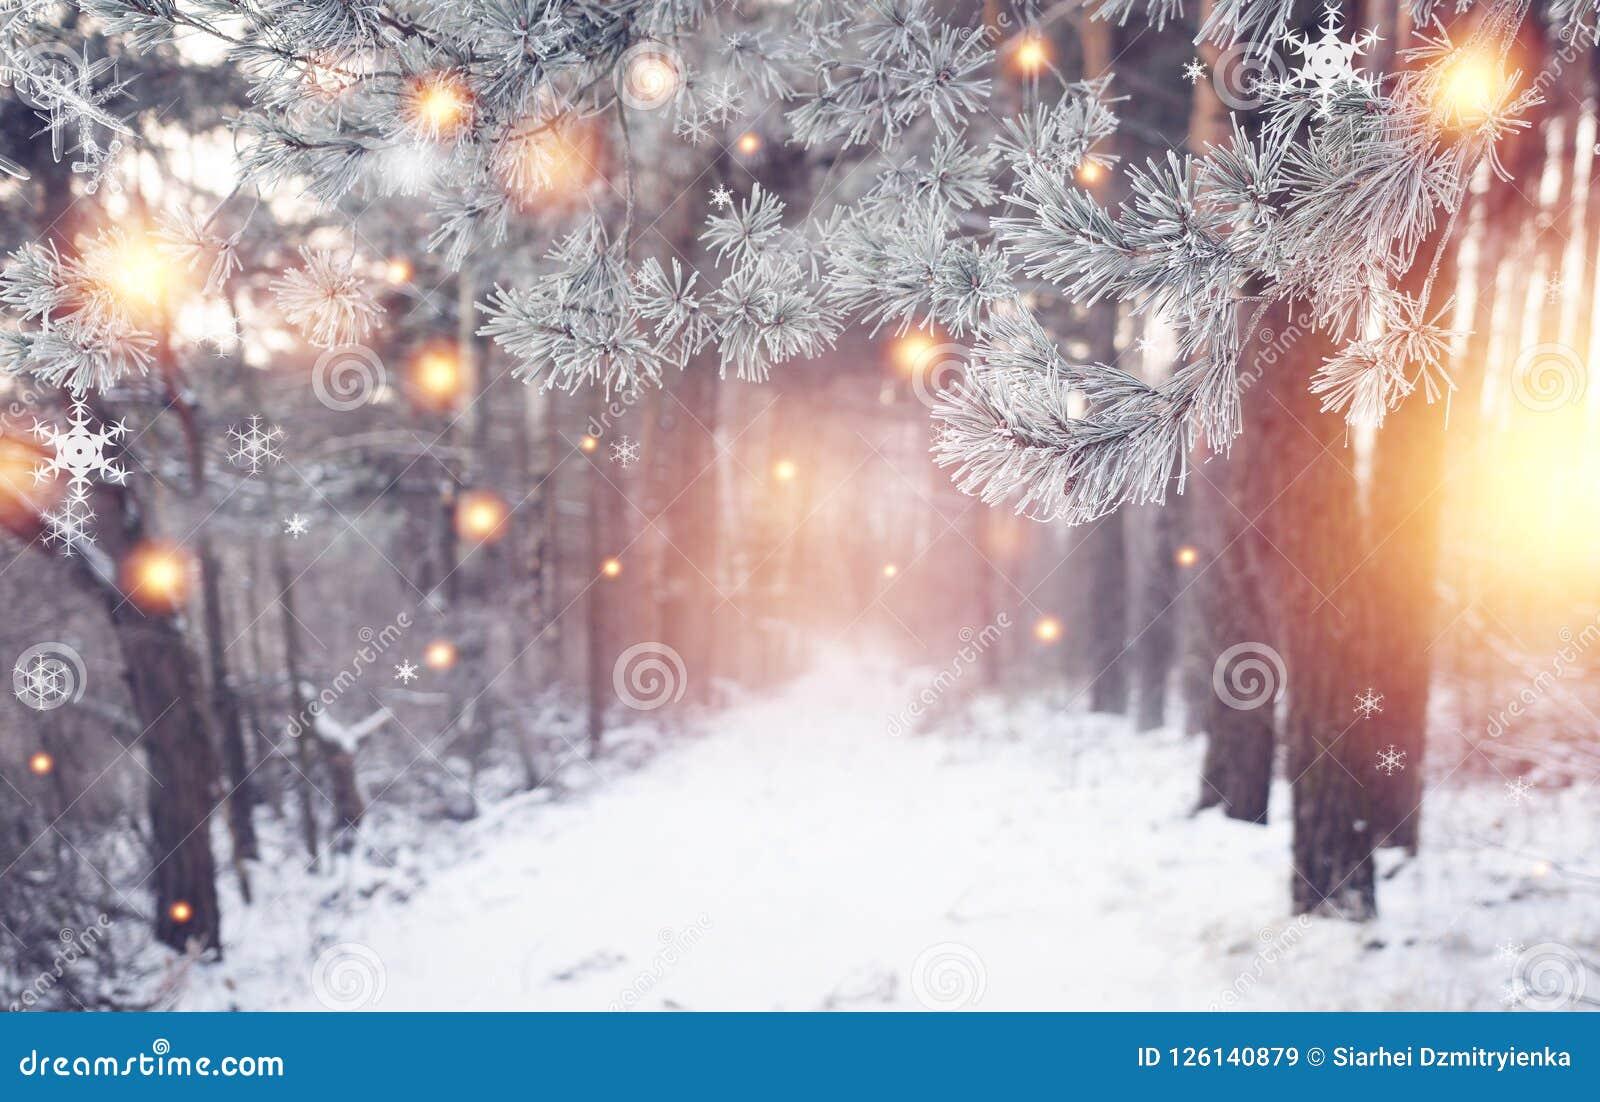 圣诞节森林与光亮的不可思议的雪花的冬天自然 美妙的冬天森林地 另外的背景格式xmas 冷淡的森林